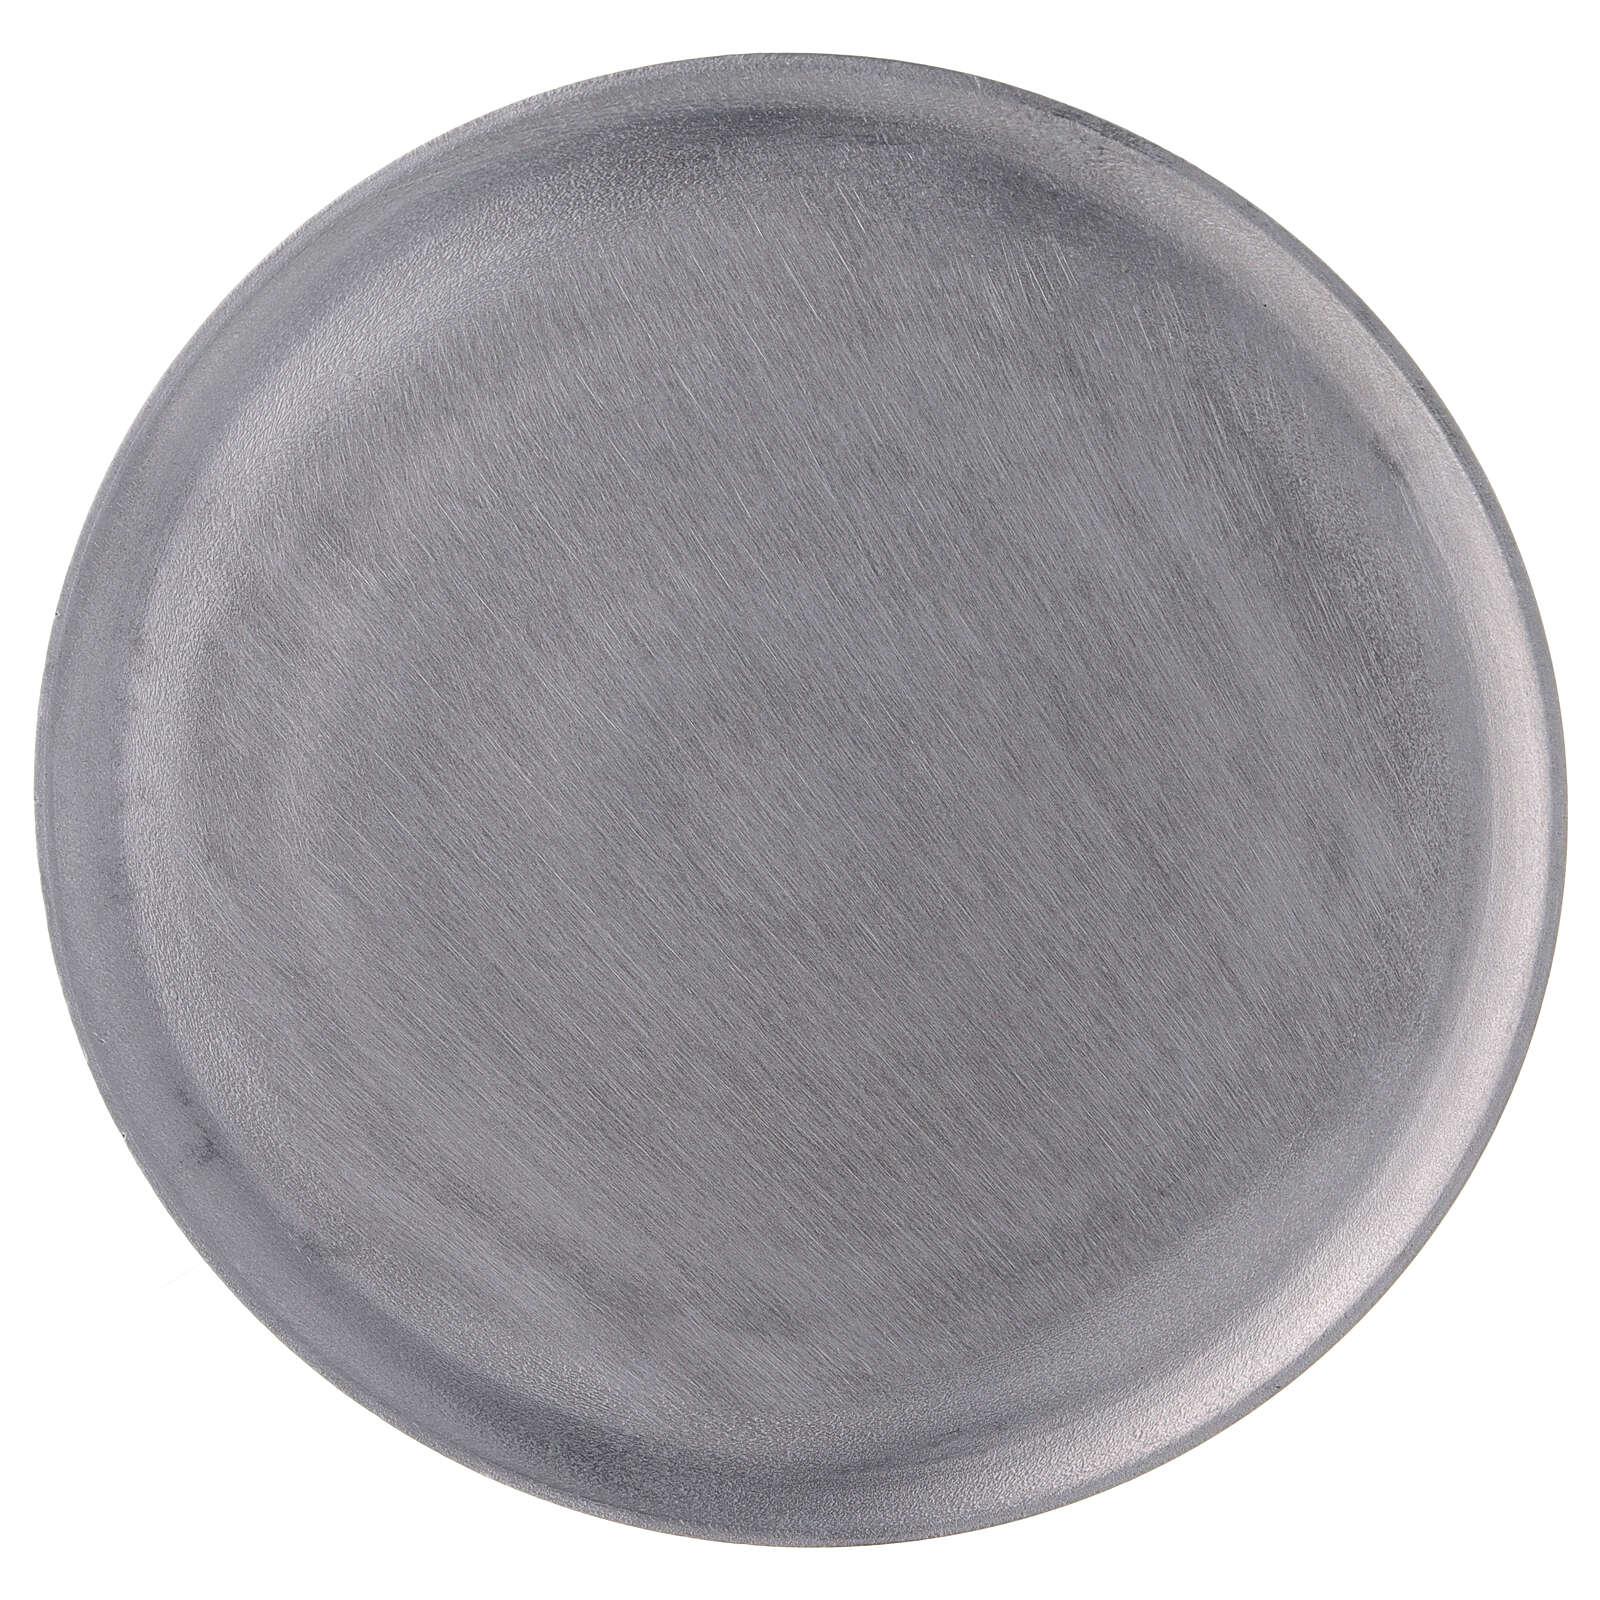 Piatto portacandela alluminio satinato tondo d. 19 cm 3